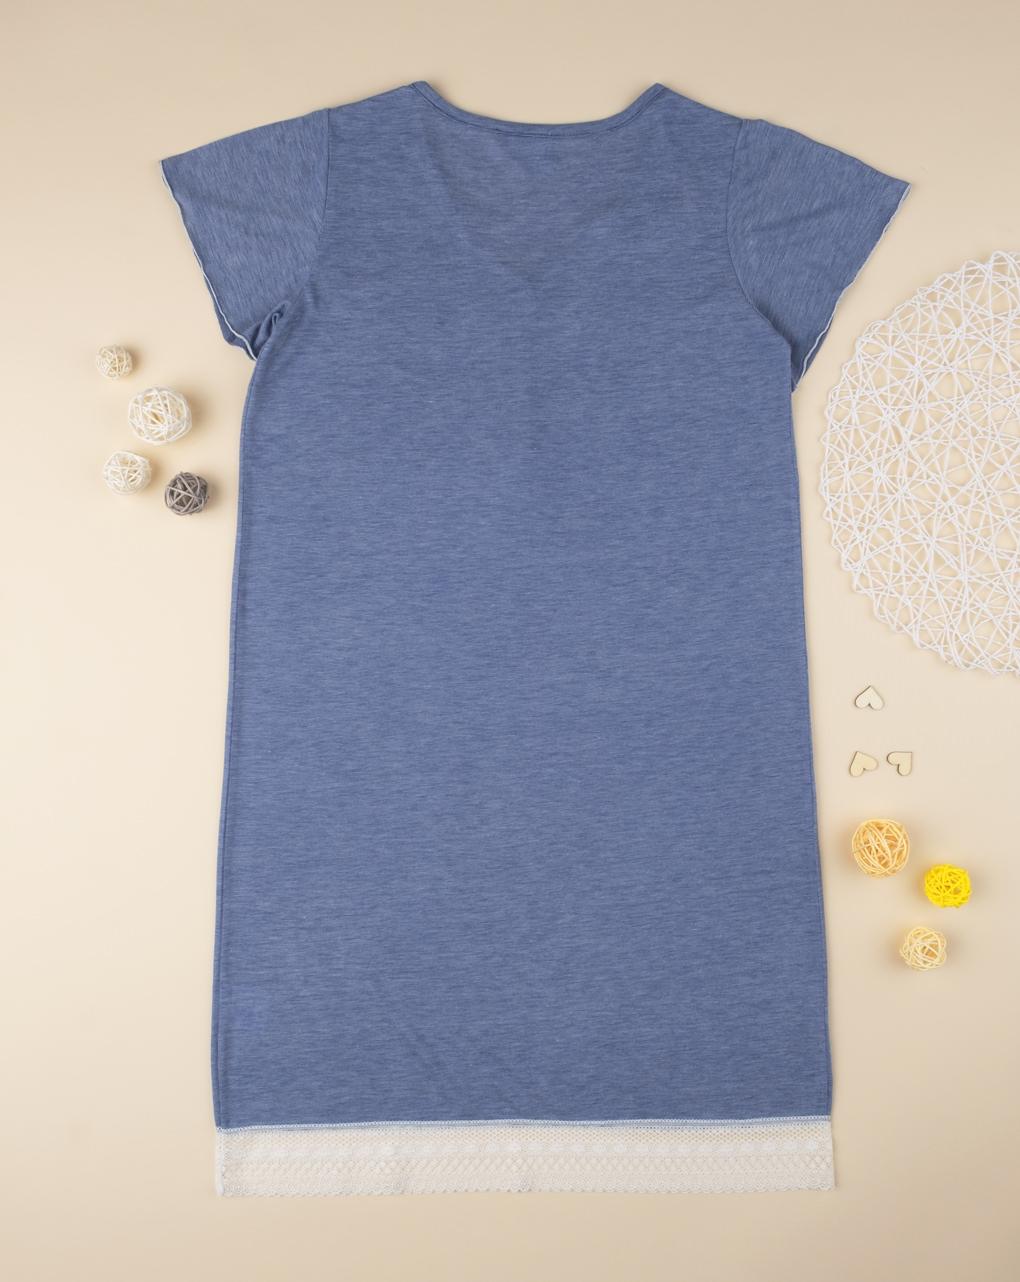 Camicia da notte premaman con botoni - Prénatal